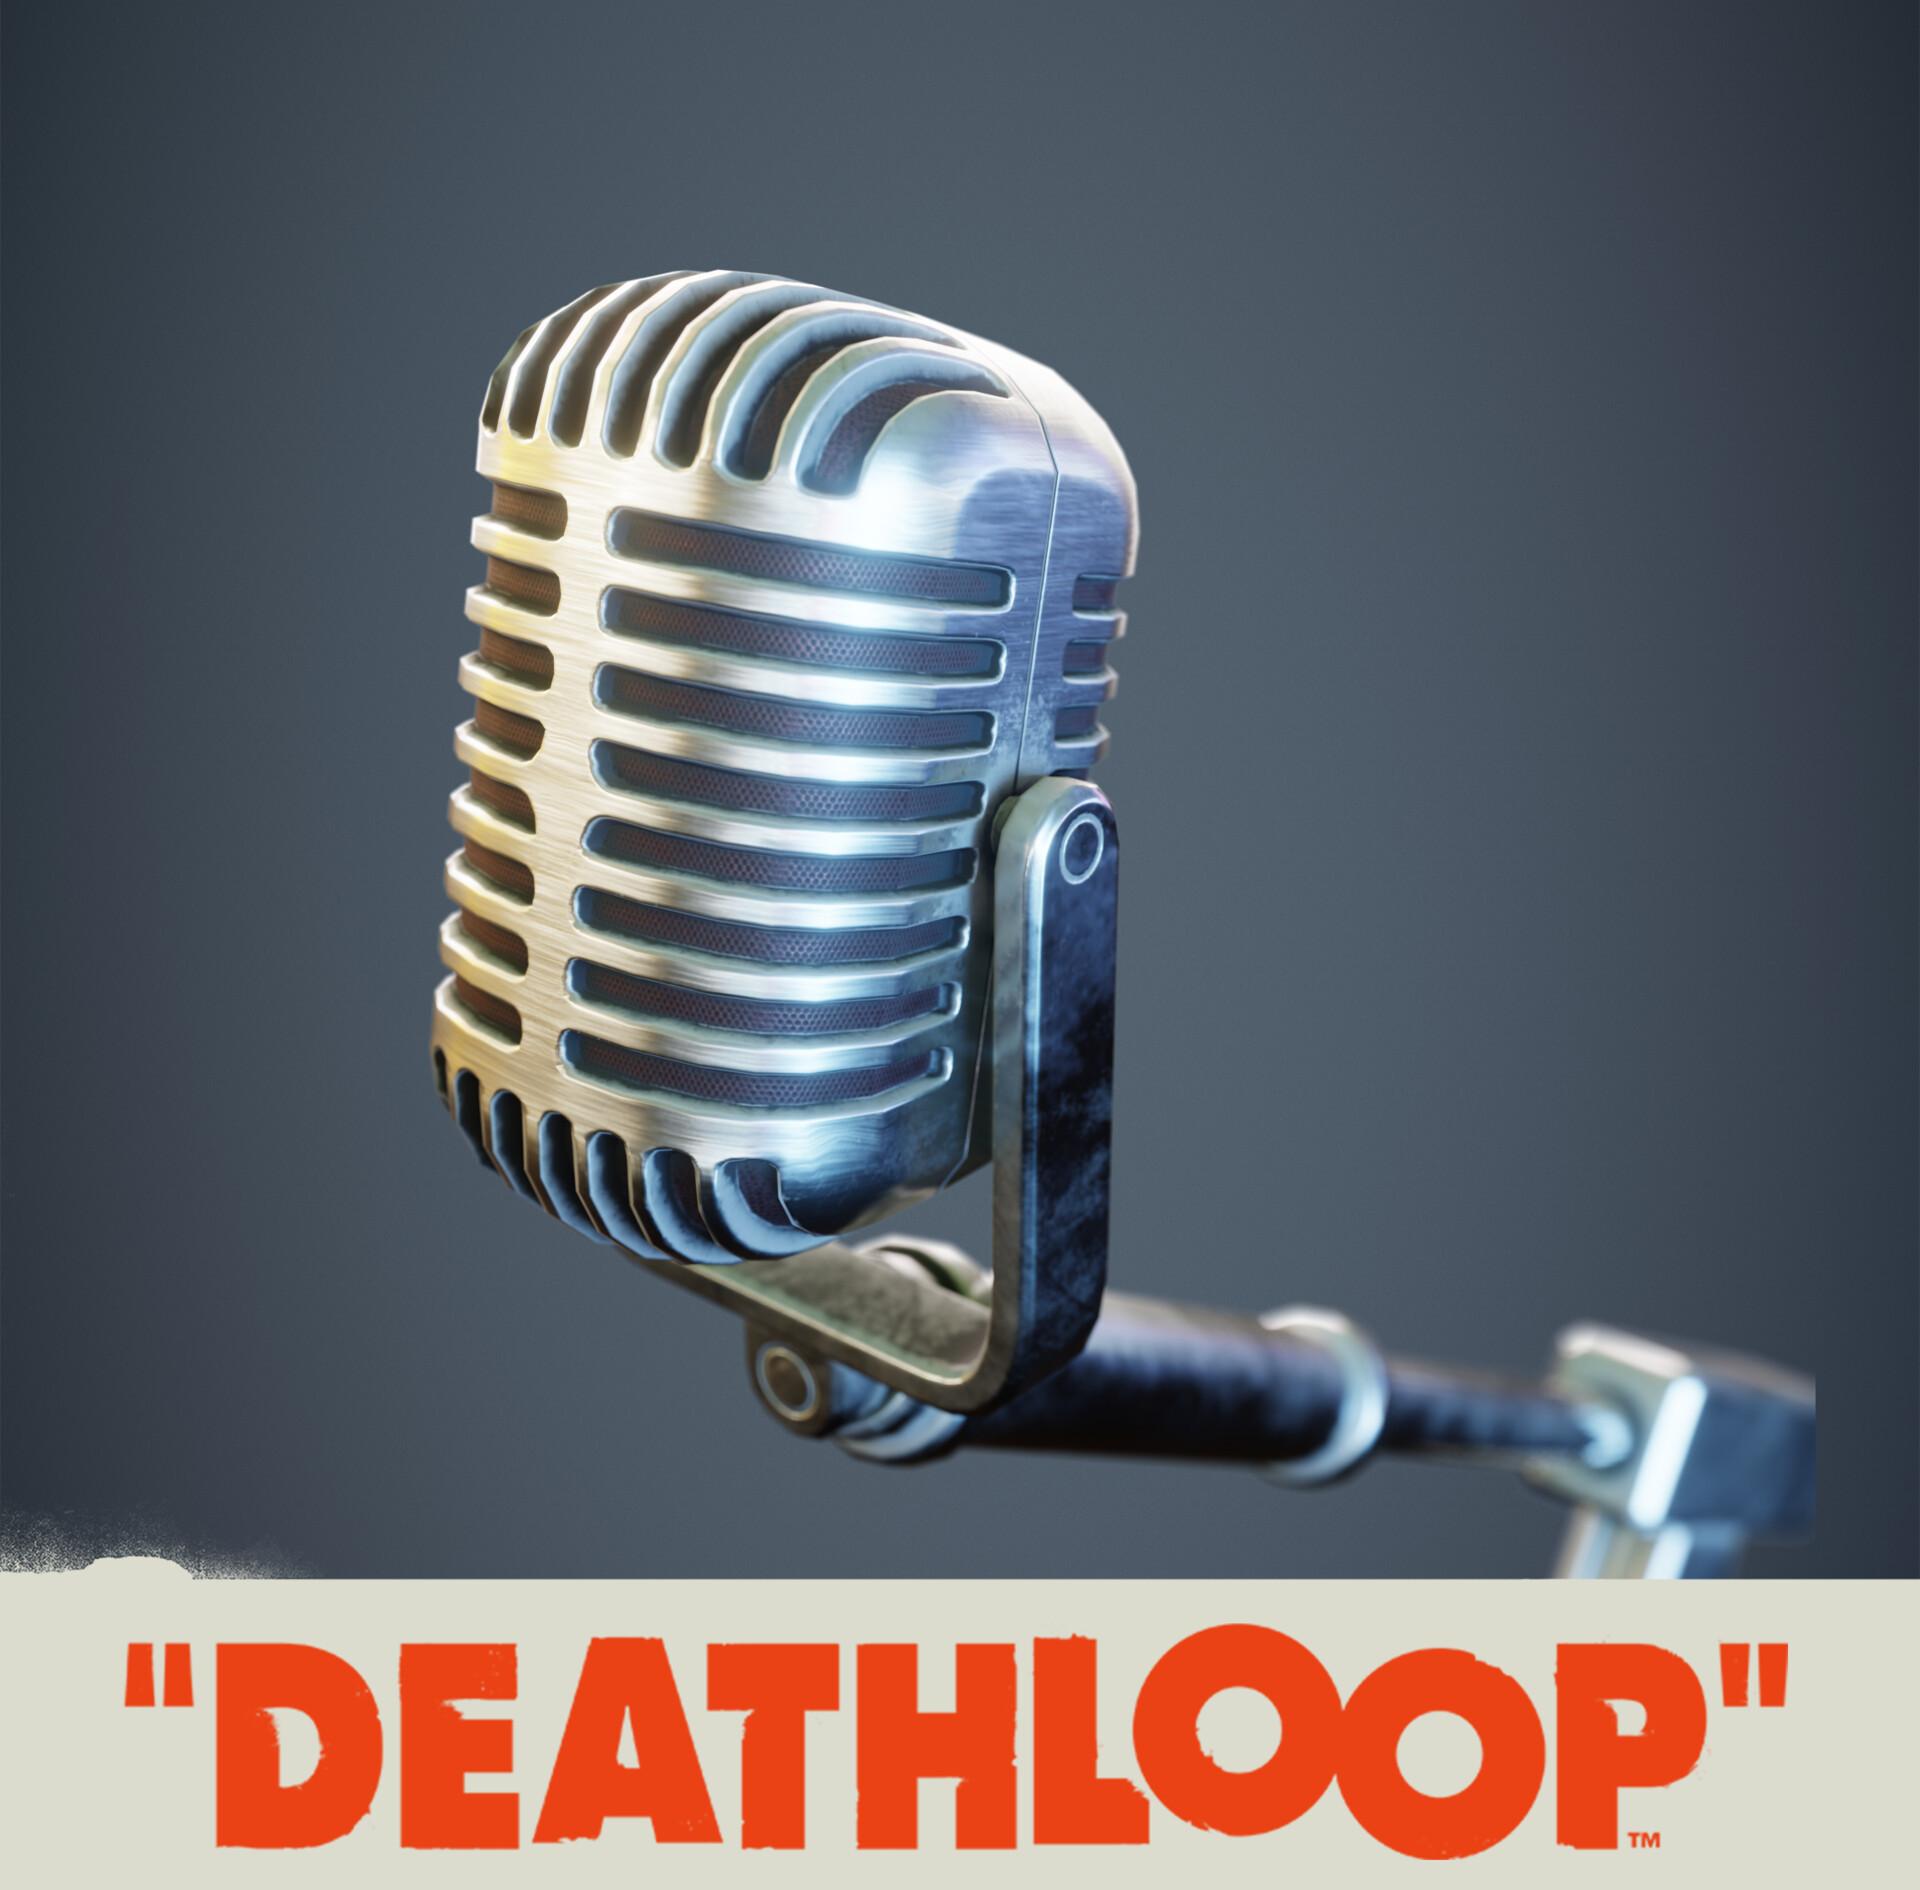 Microphone: Deathloop Prop